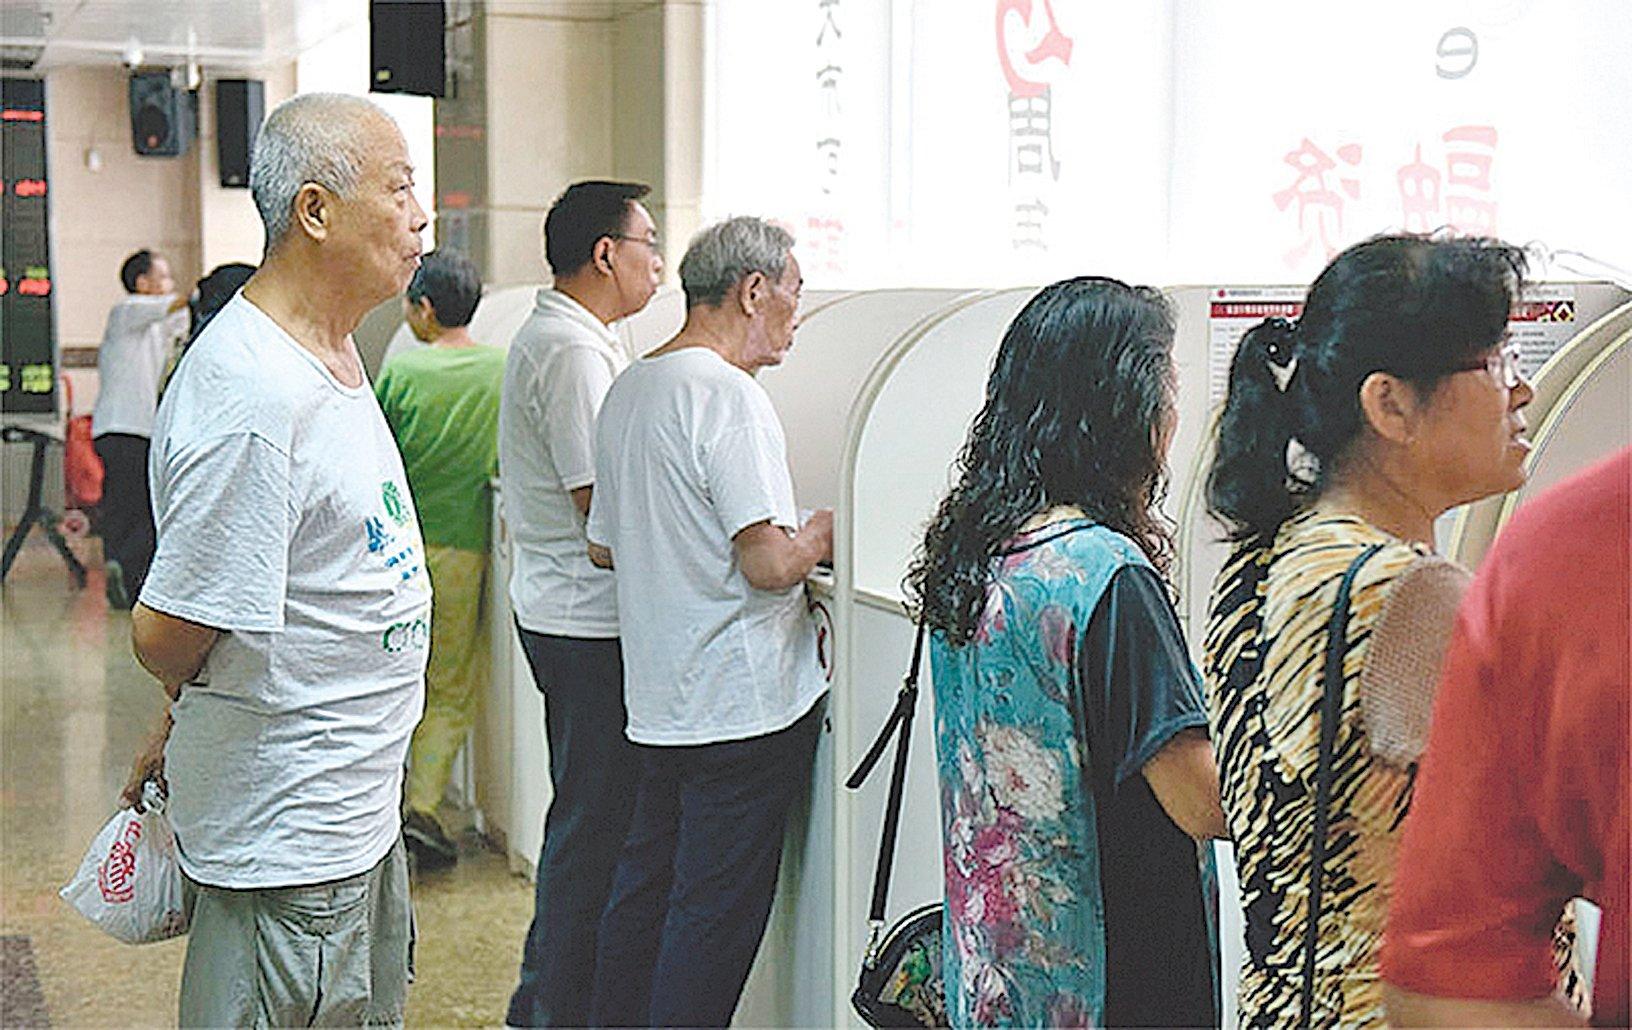 克魯明的中國教師爺論,令人啼笑皆非。圖為今年8月北京一家證券公司內觀望中國股市的老人。(Getty Images)